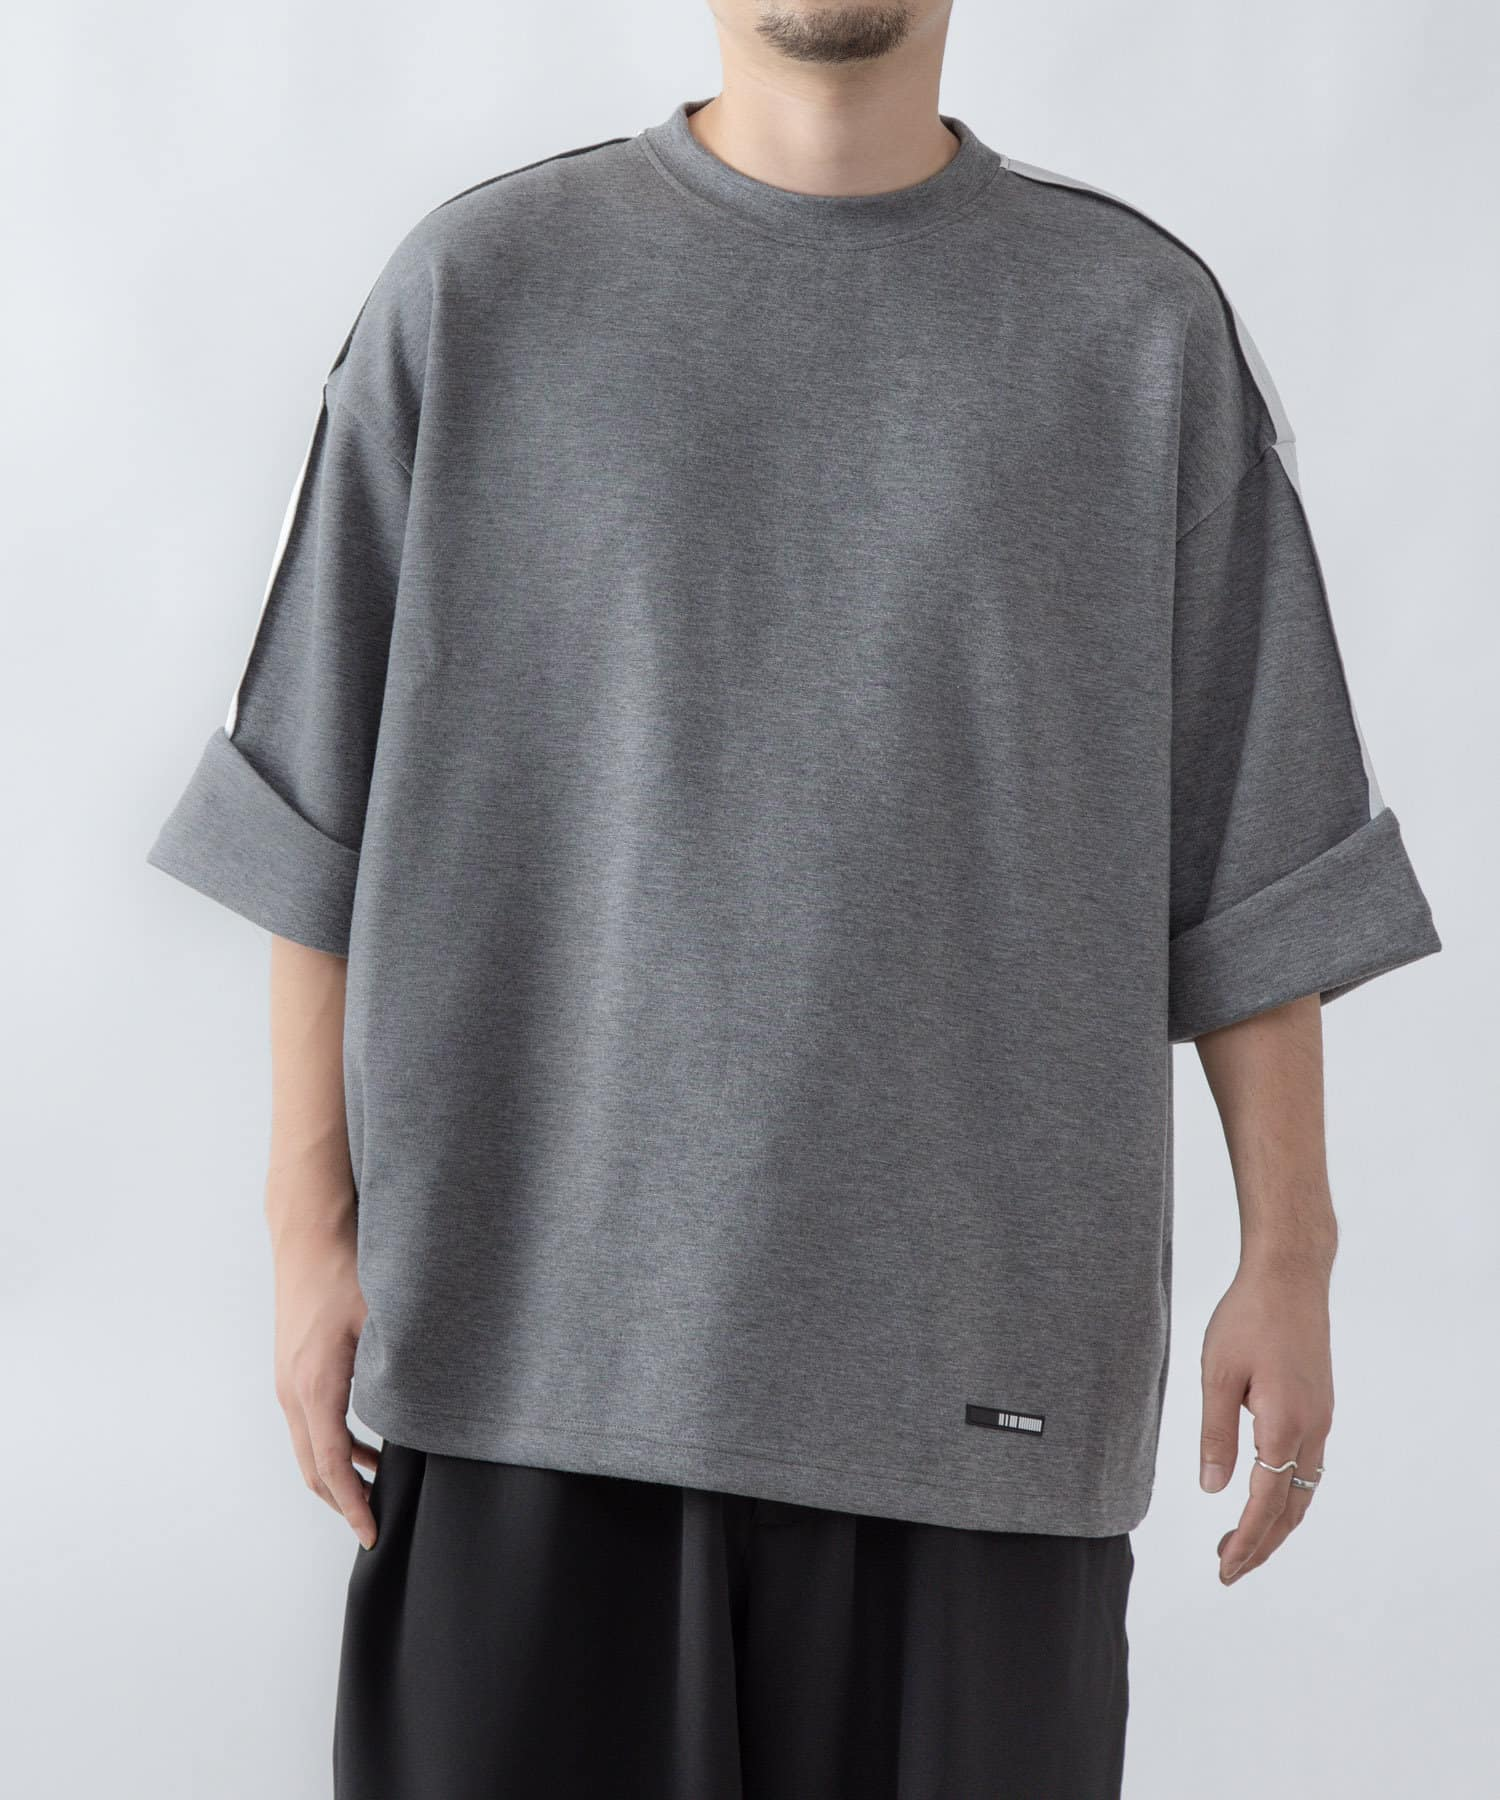 COLONY 2139(コロニー トゥーワンスリーナイン) ダンボールトロールアップ袖ビッグシルエットTシャツ※ユニセックス対応